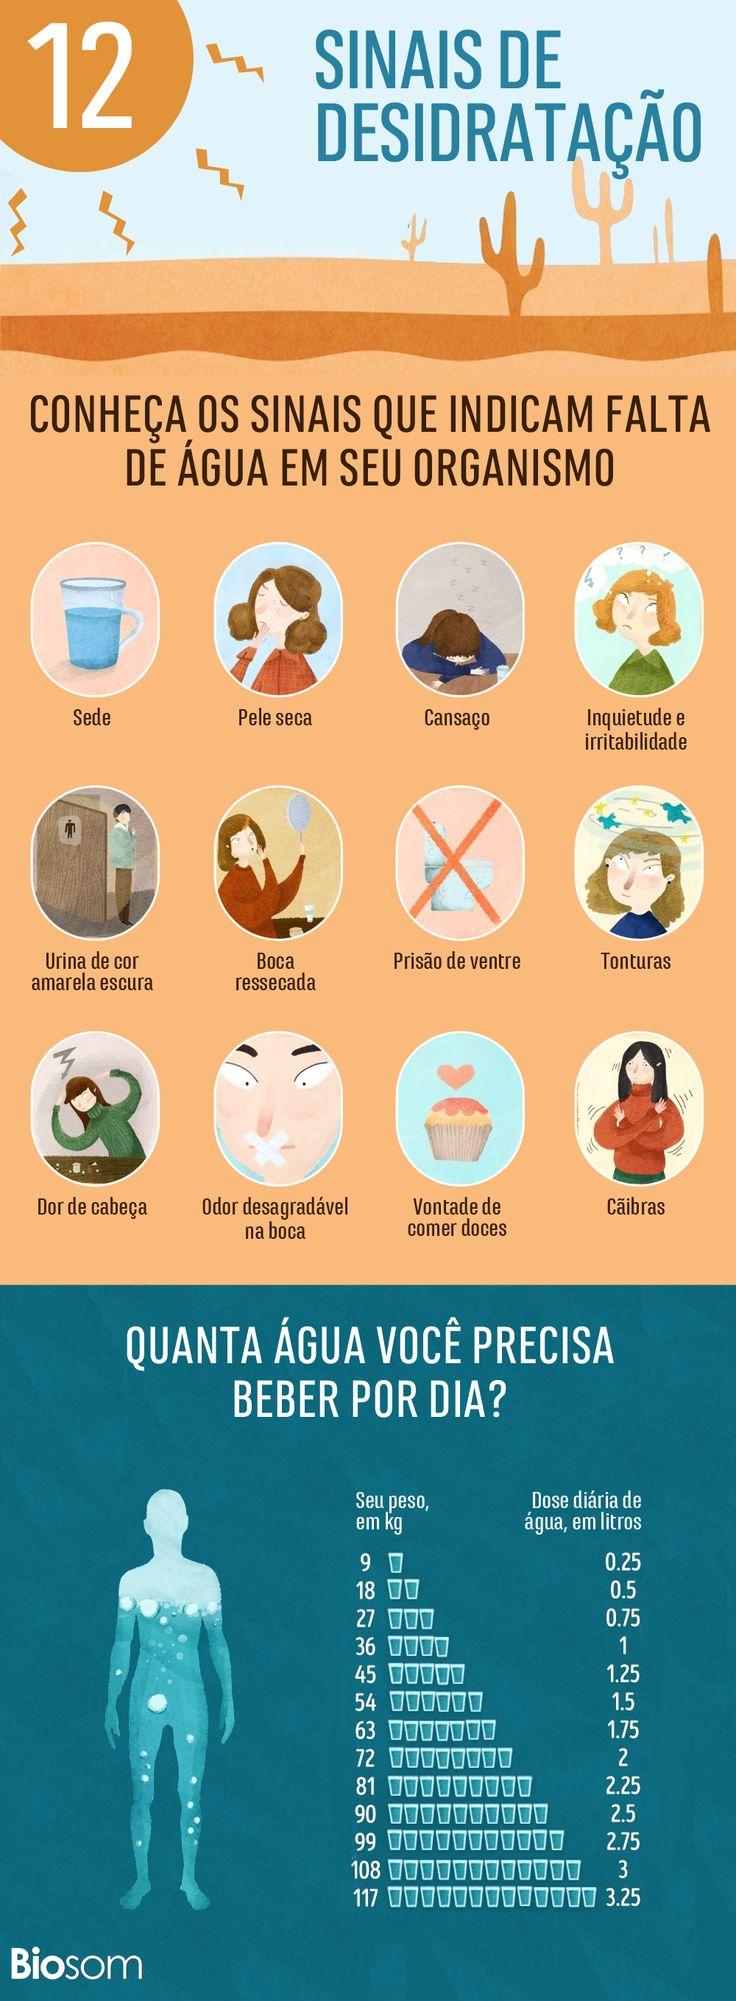 Conheça os sinais que indicam falta de água em seu organismo e veja o quanto você precisa beber todos os dias para evitar a desidratação. #agua #saúde #desidratado #hidratar